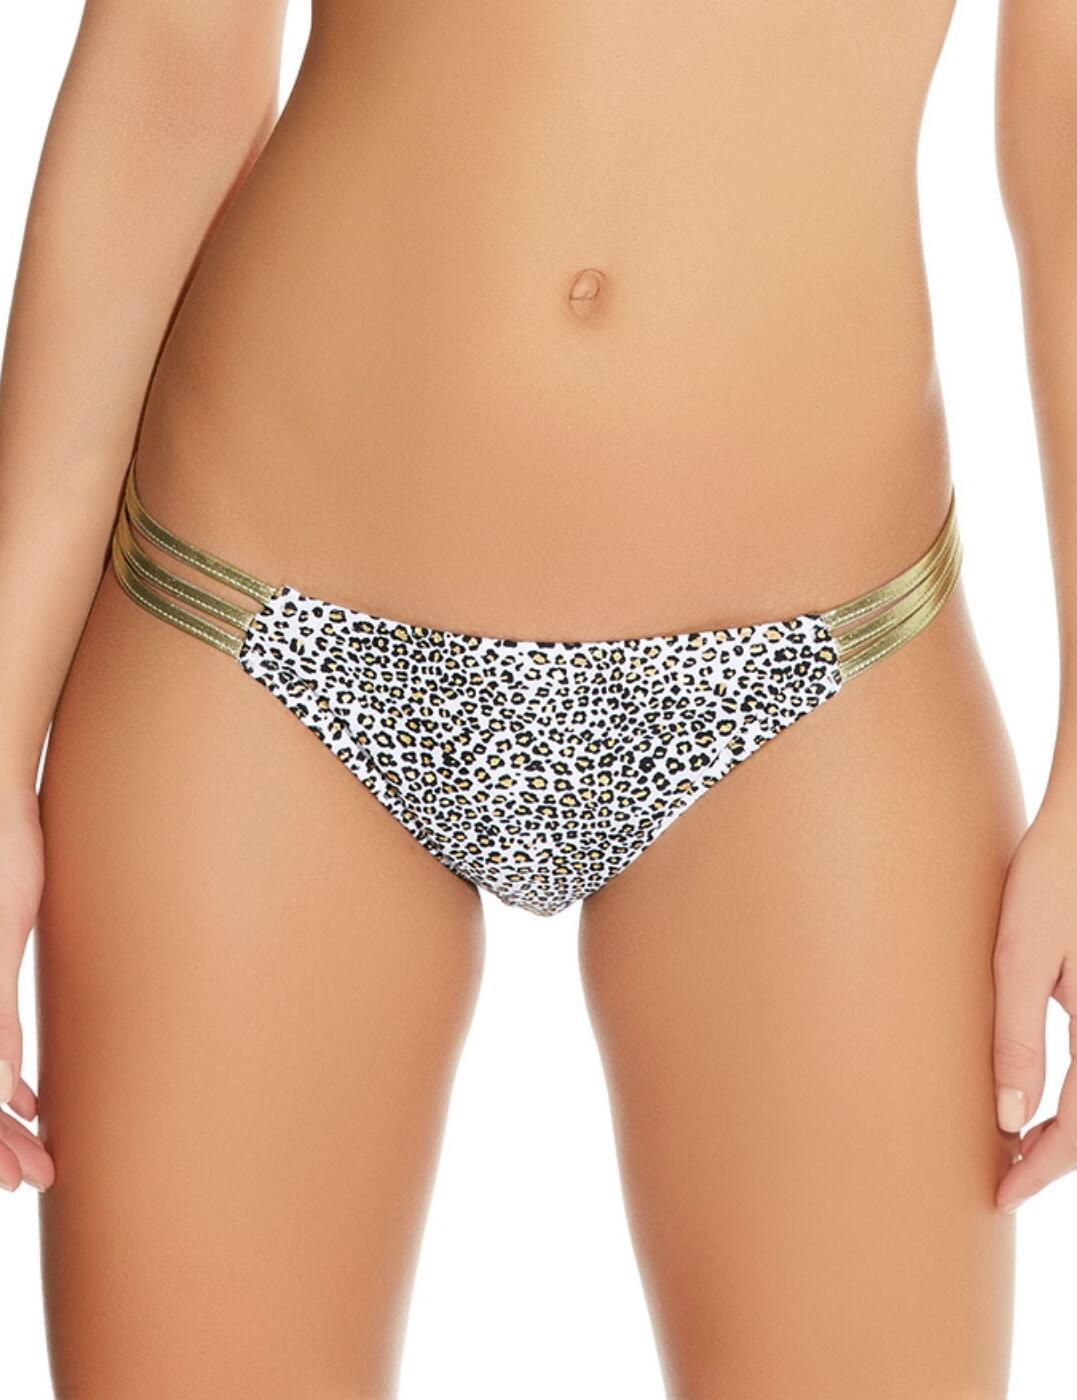 3802 Freya Pure Shores Rio Bikini Brief White Sands - 3802 White Sands